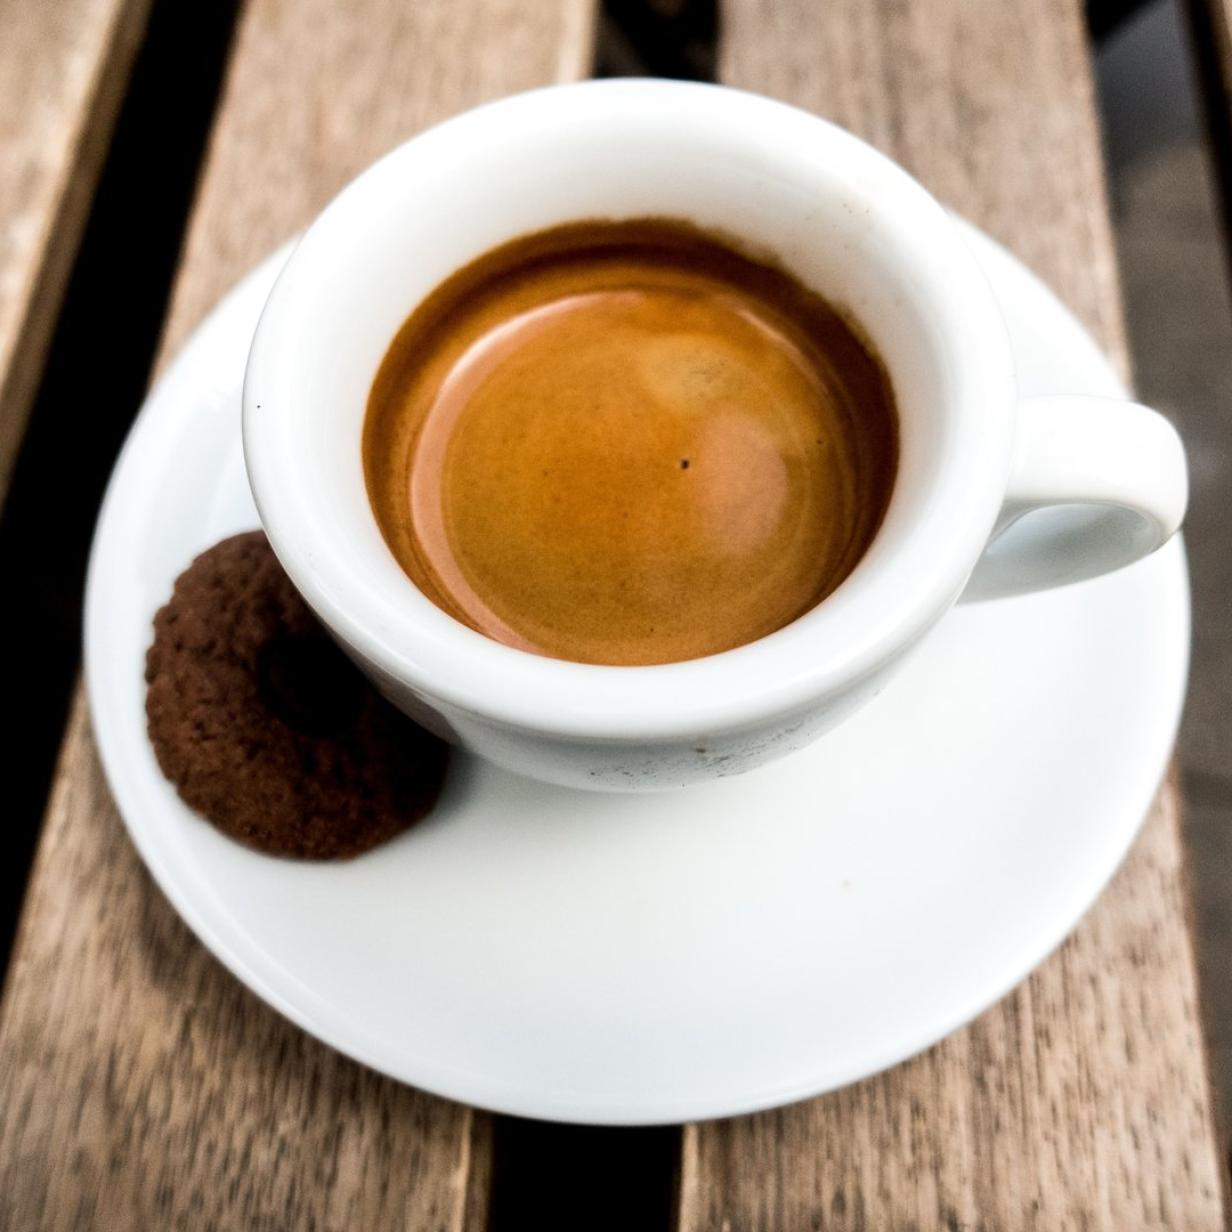 Diesen Trick müssen Sie kennen: So gelingt der perfekte Espresso